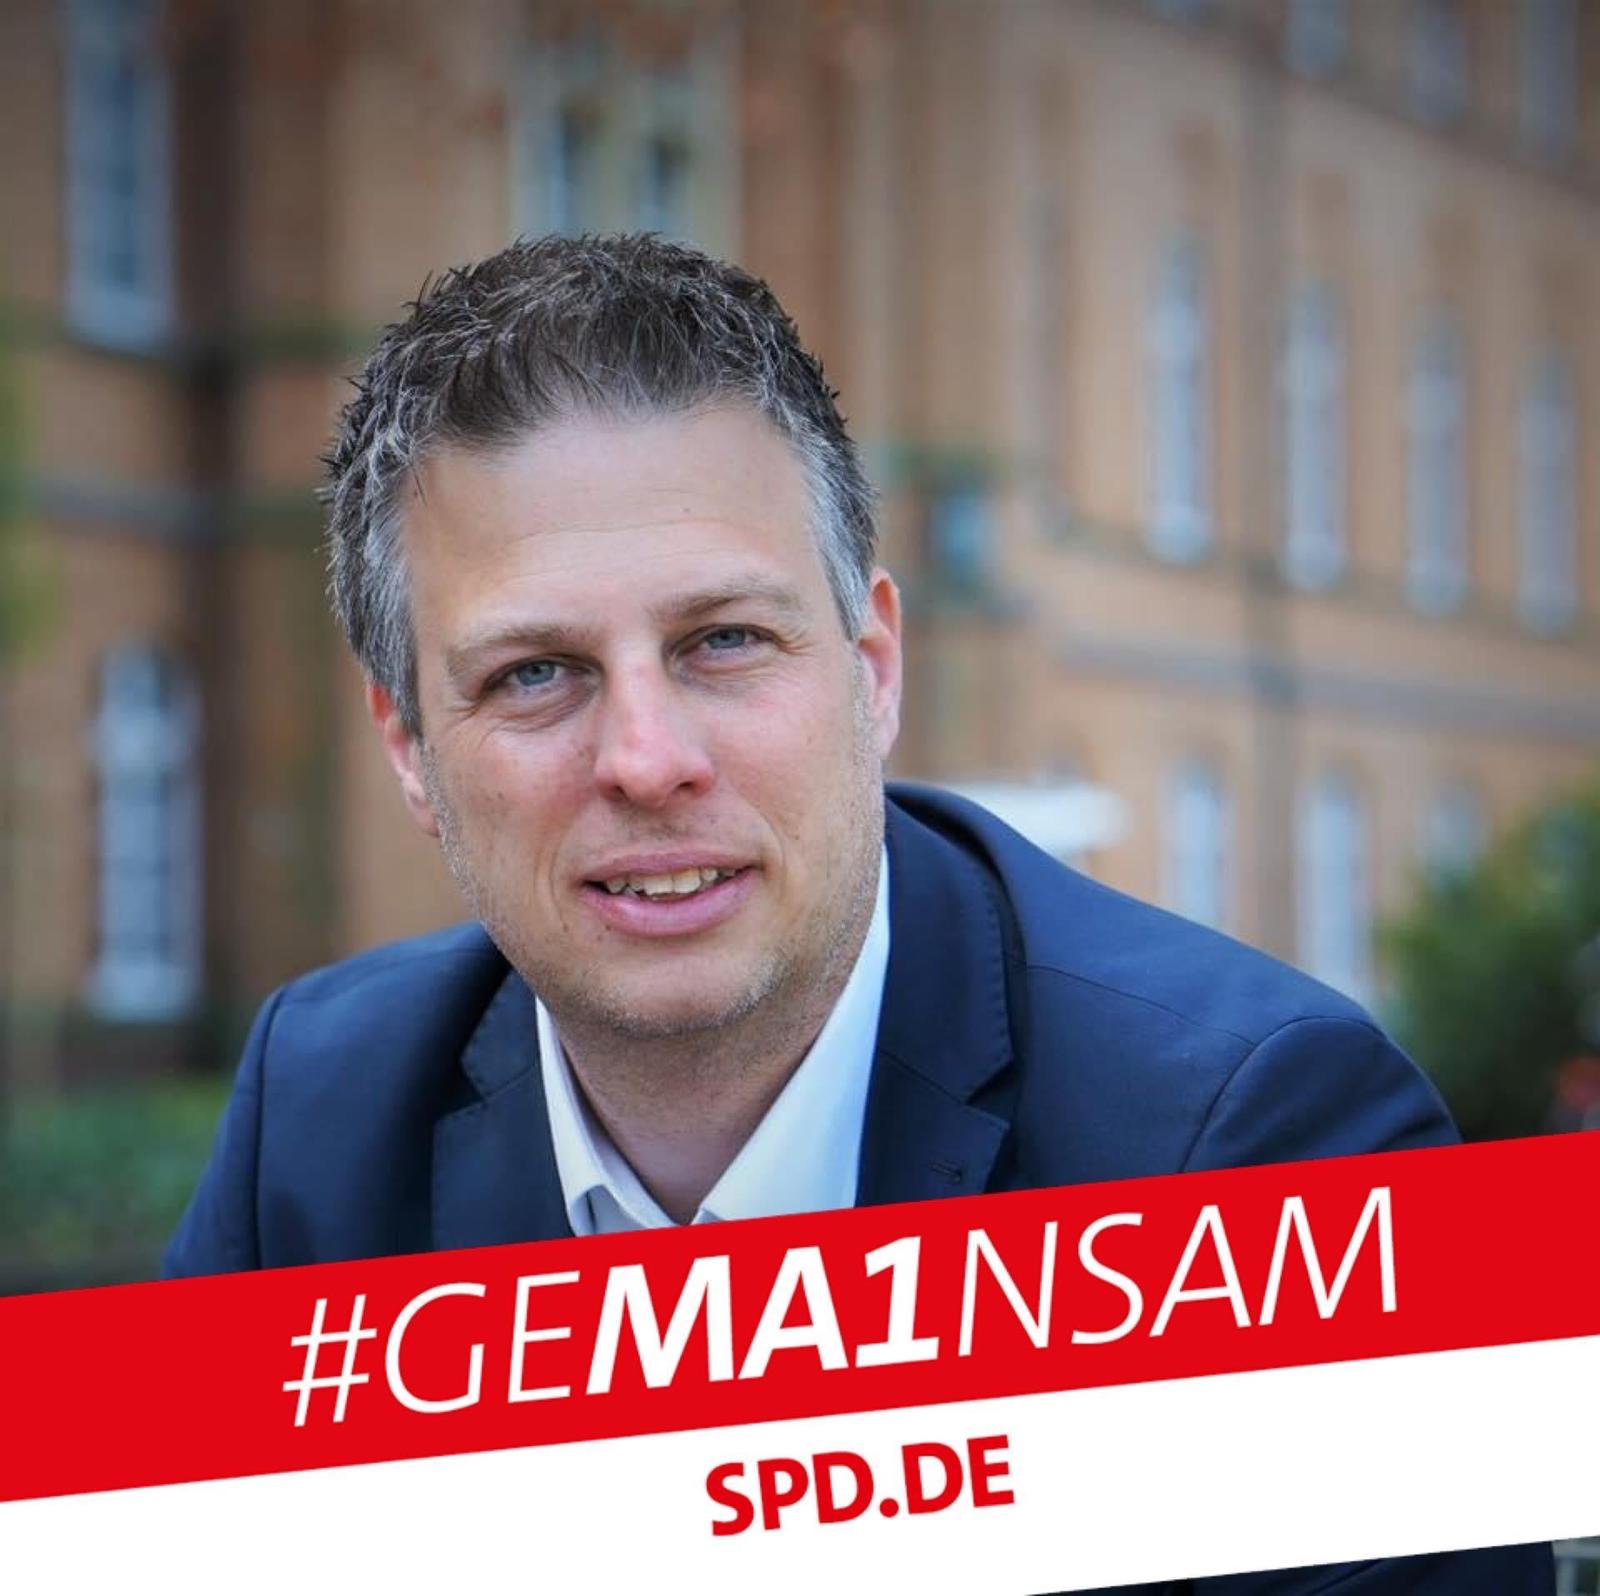 Nicht nur Forderung zum 1. Mai: Für einen solidarischen, starken Staat!